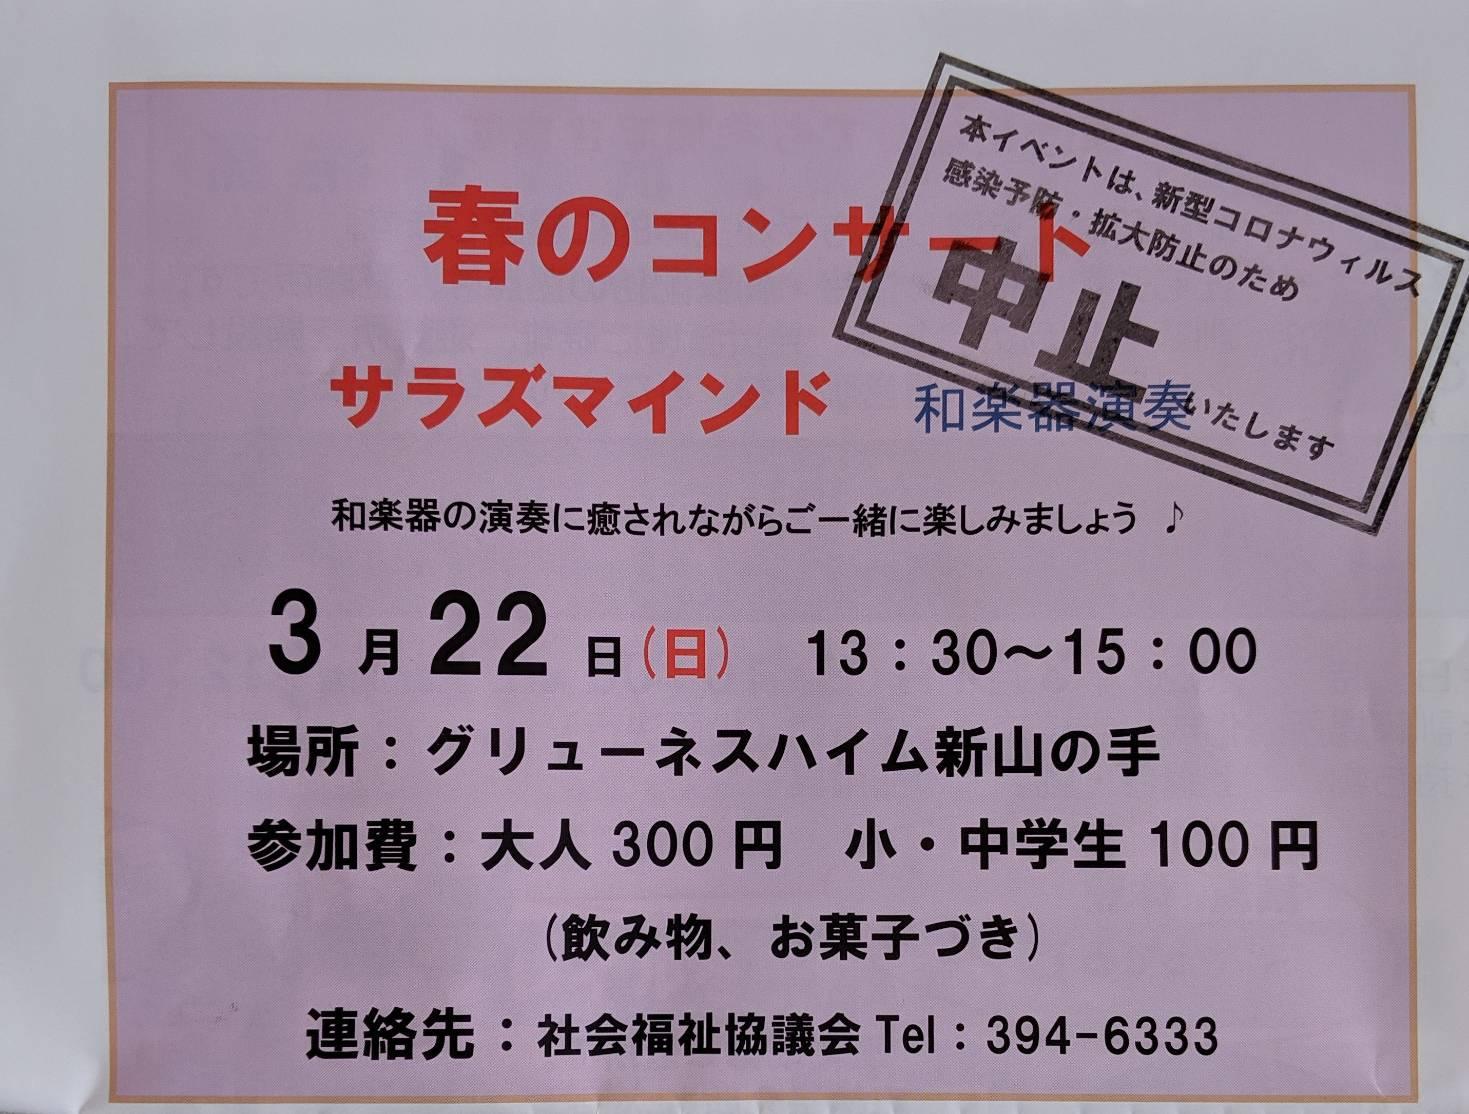 諏訪町春のコンサート